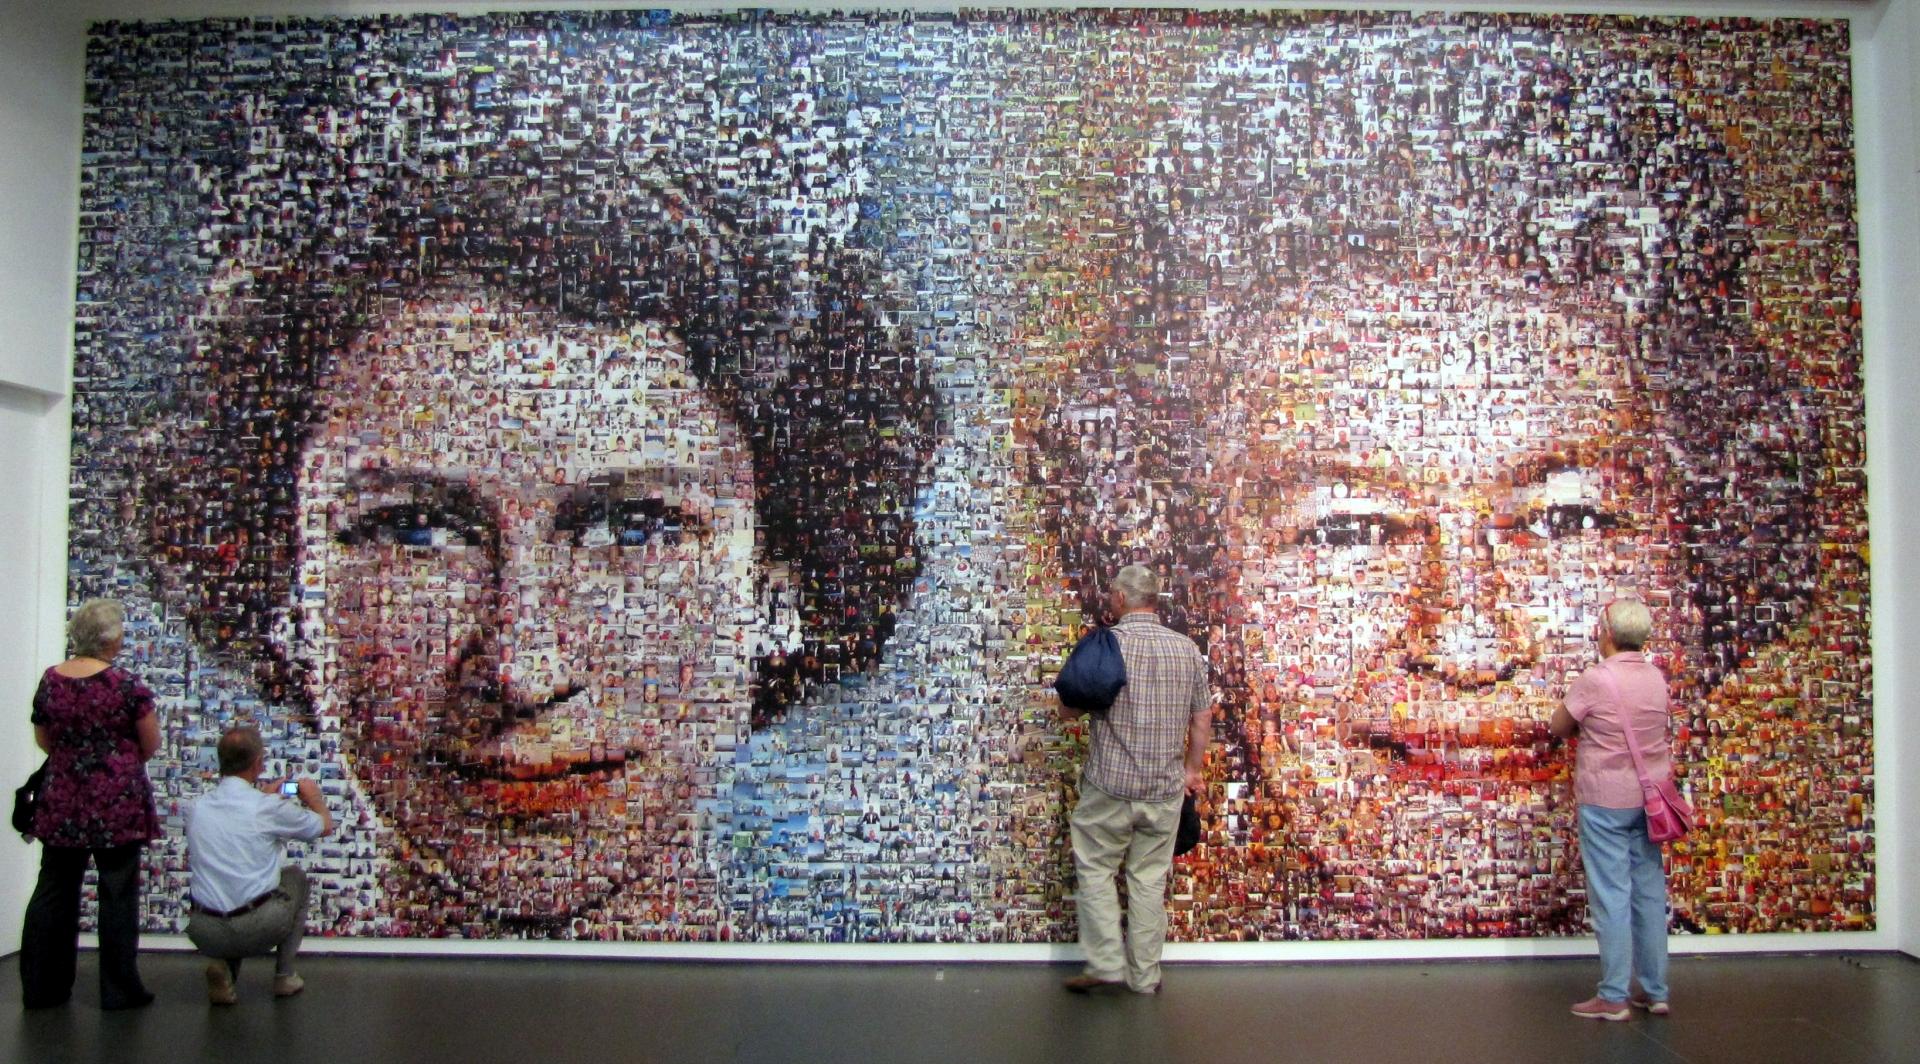 Mozaik a dél-angliai Eastbourne-ben, amelyet több mint 5000 képből állítottak össze a királynő gyémántjubileumára. Forrás: Wikipédia/Abuk Sabuk